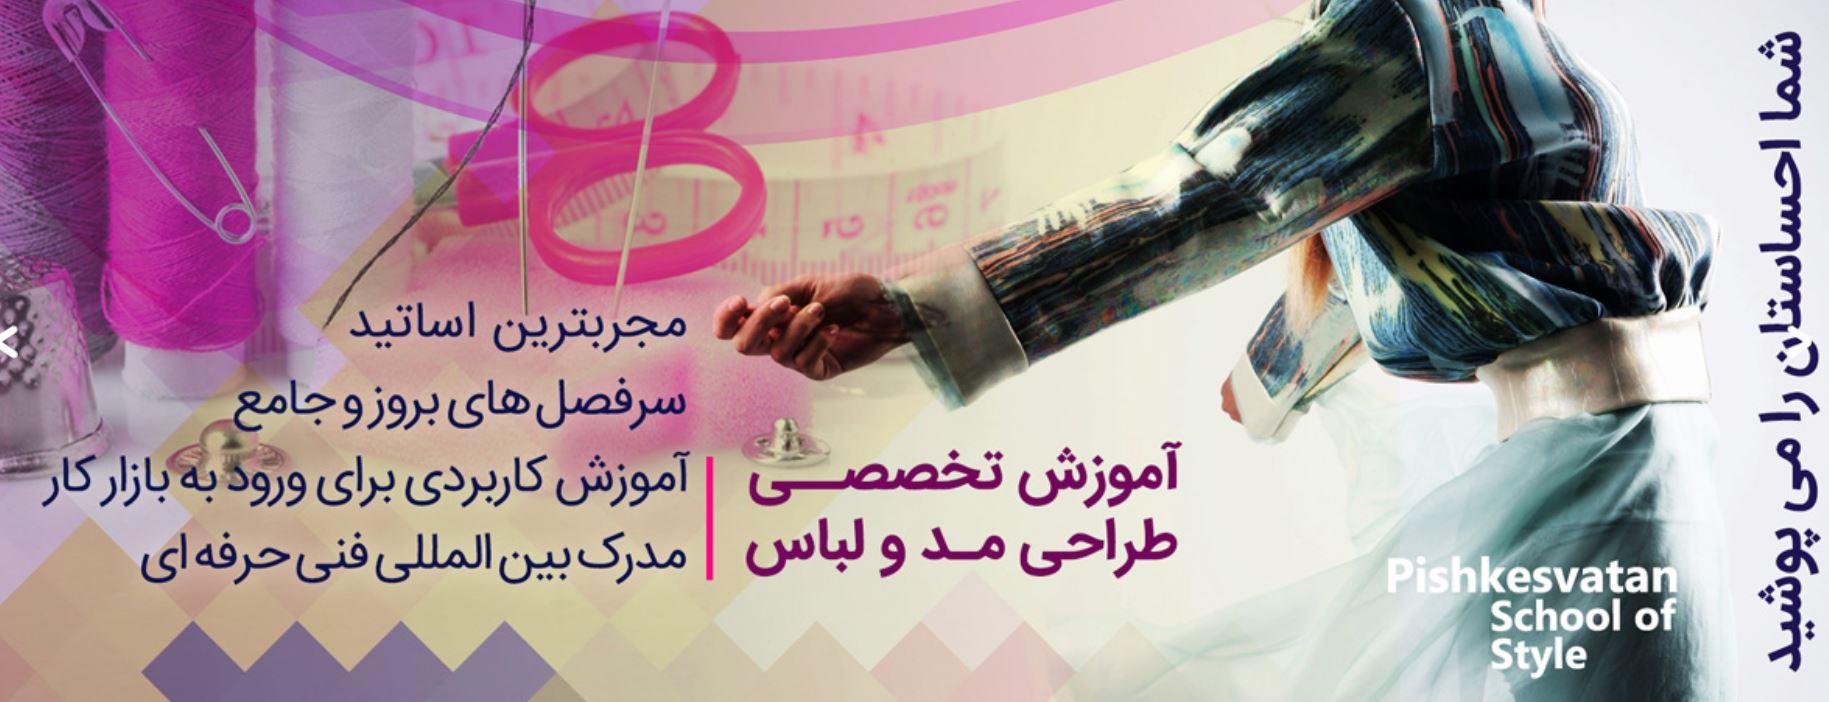 سرفصل های آموزش در آموزشگاه طراحی لباس در شمال تهران